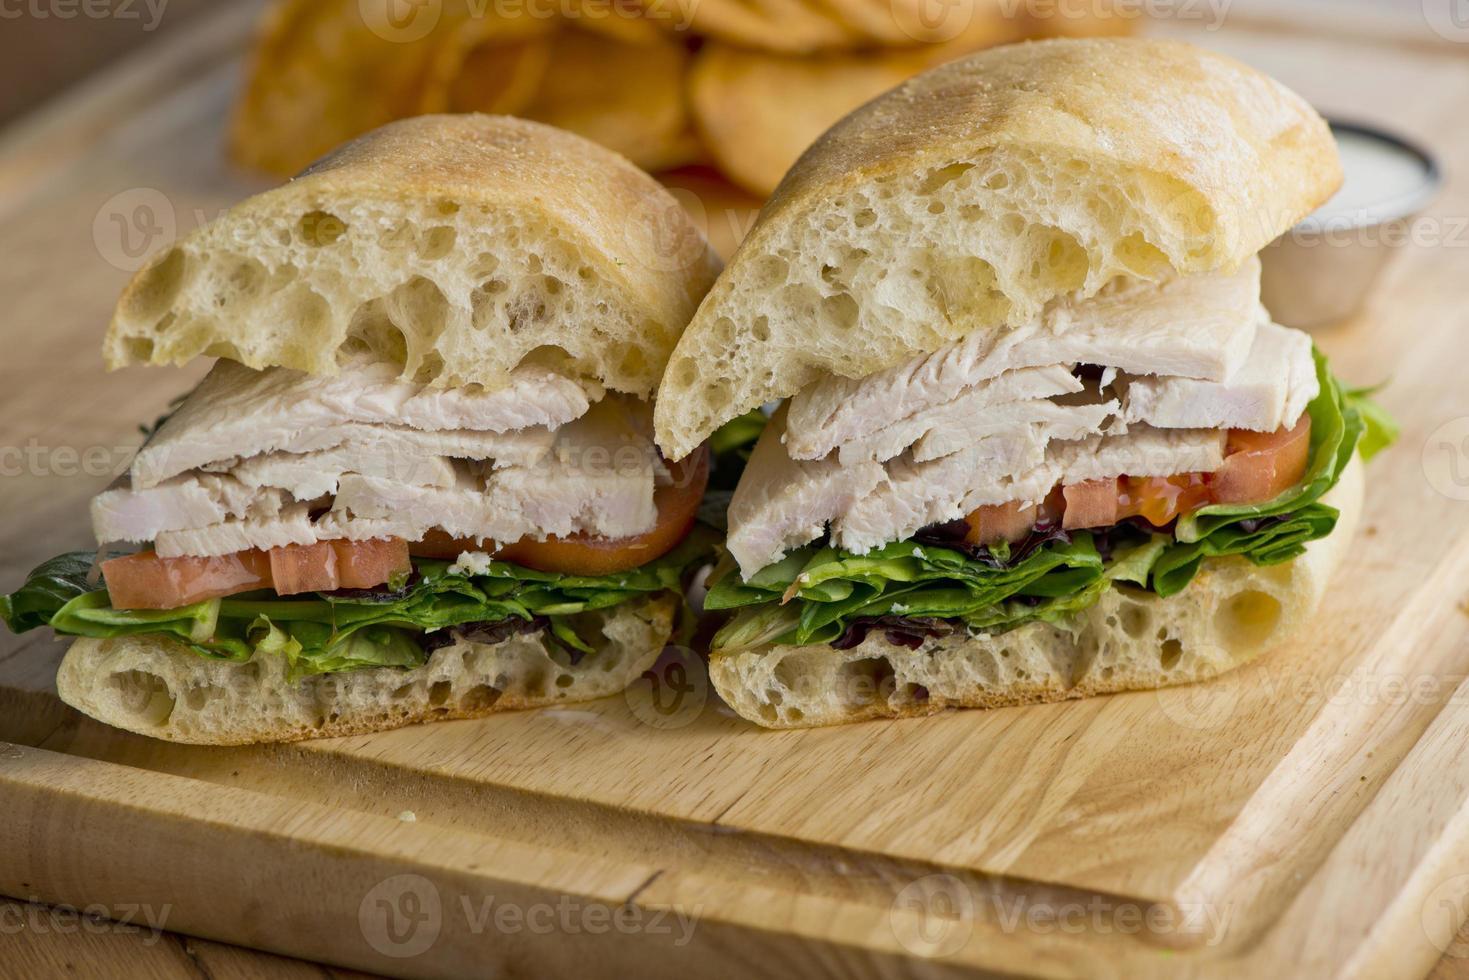 klassieke Amerikaanse kip sandwich met sla & tomaat foto